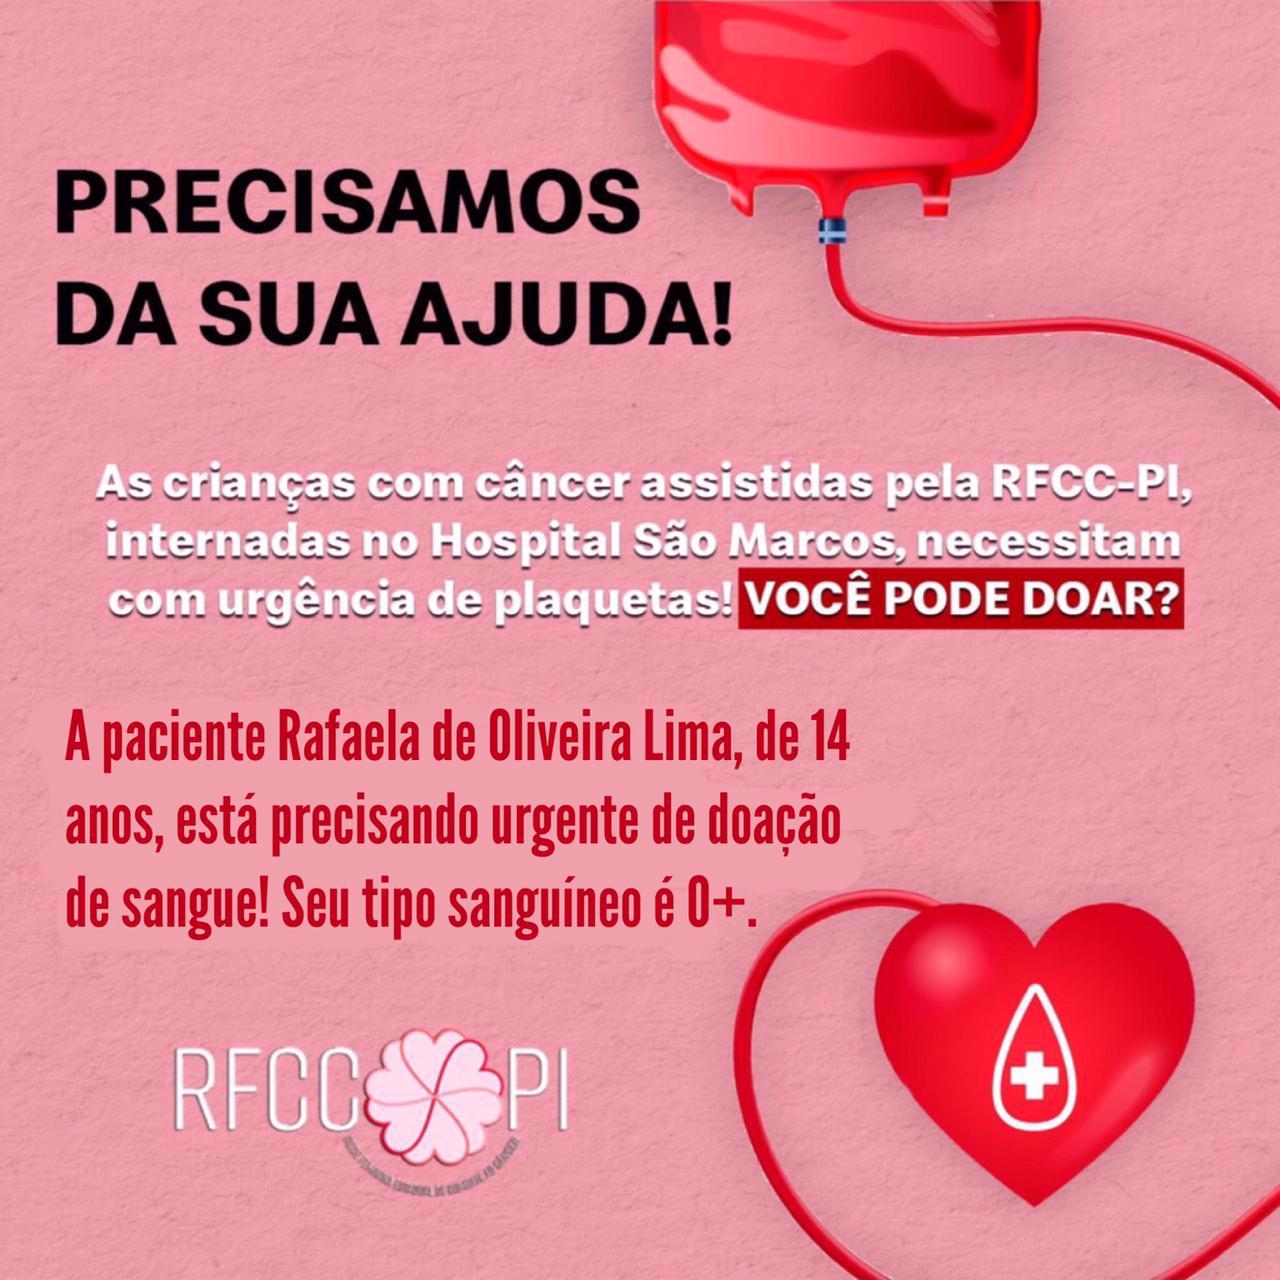 Rede Feminina de Combate ao Câncer (RFCC) apresenta campanha para doação de sangue. Crédito: divulgação.